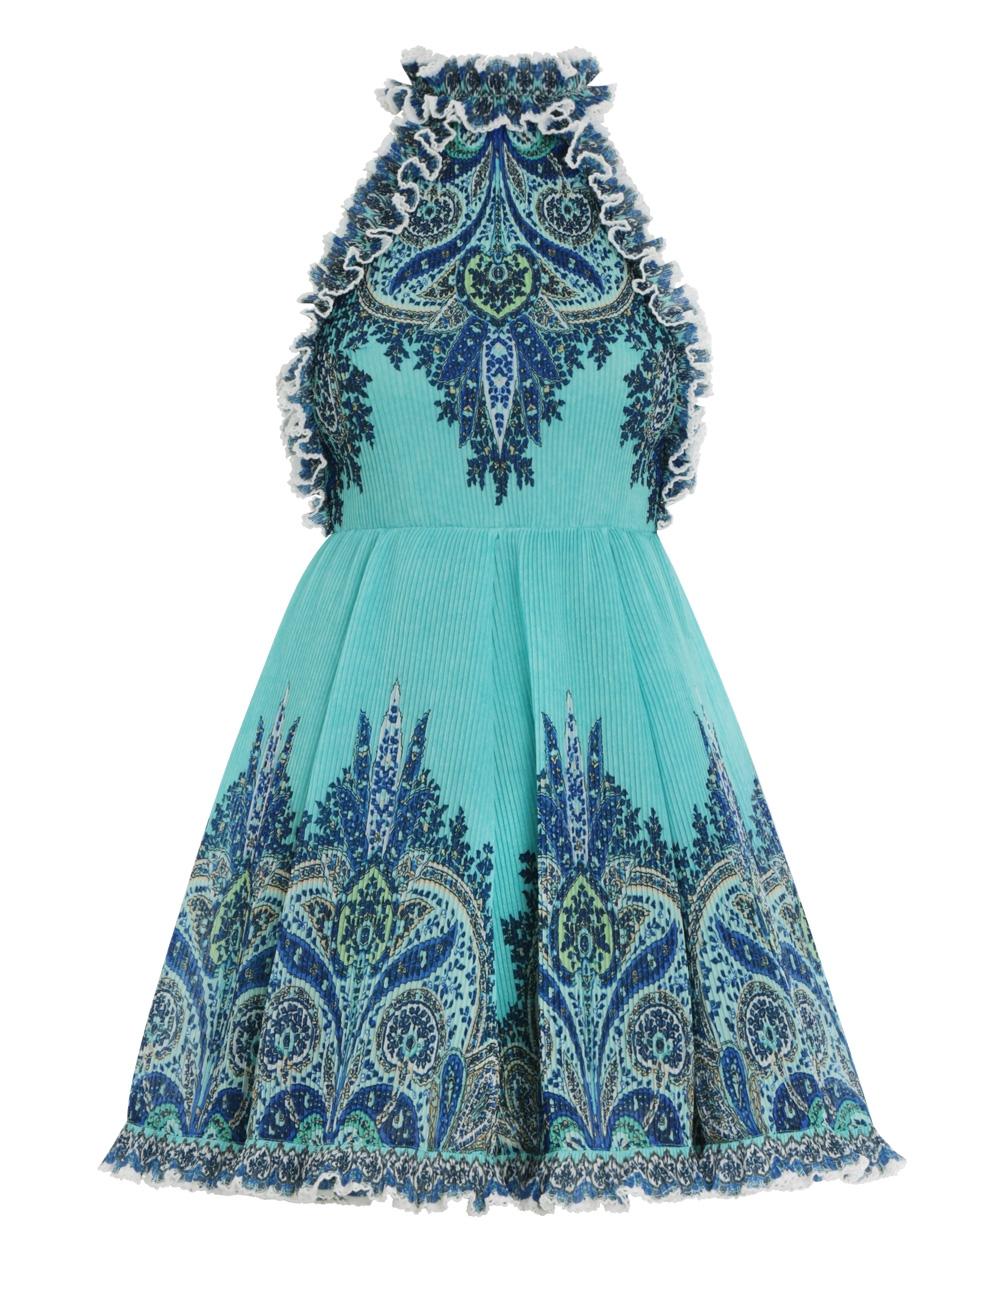 0af4a01525e1 Shop Designer Dresses Online | ZIMMERMANN